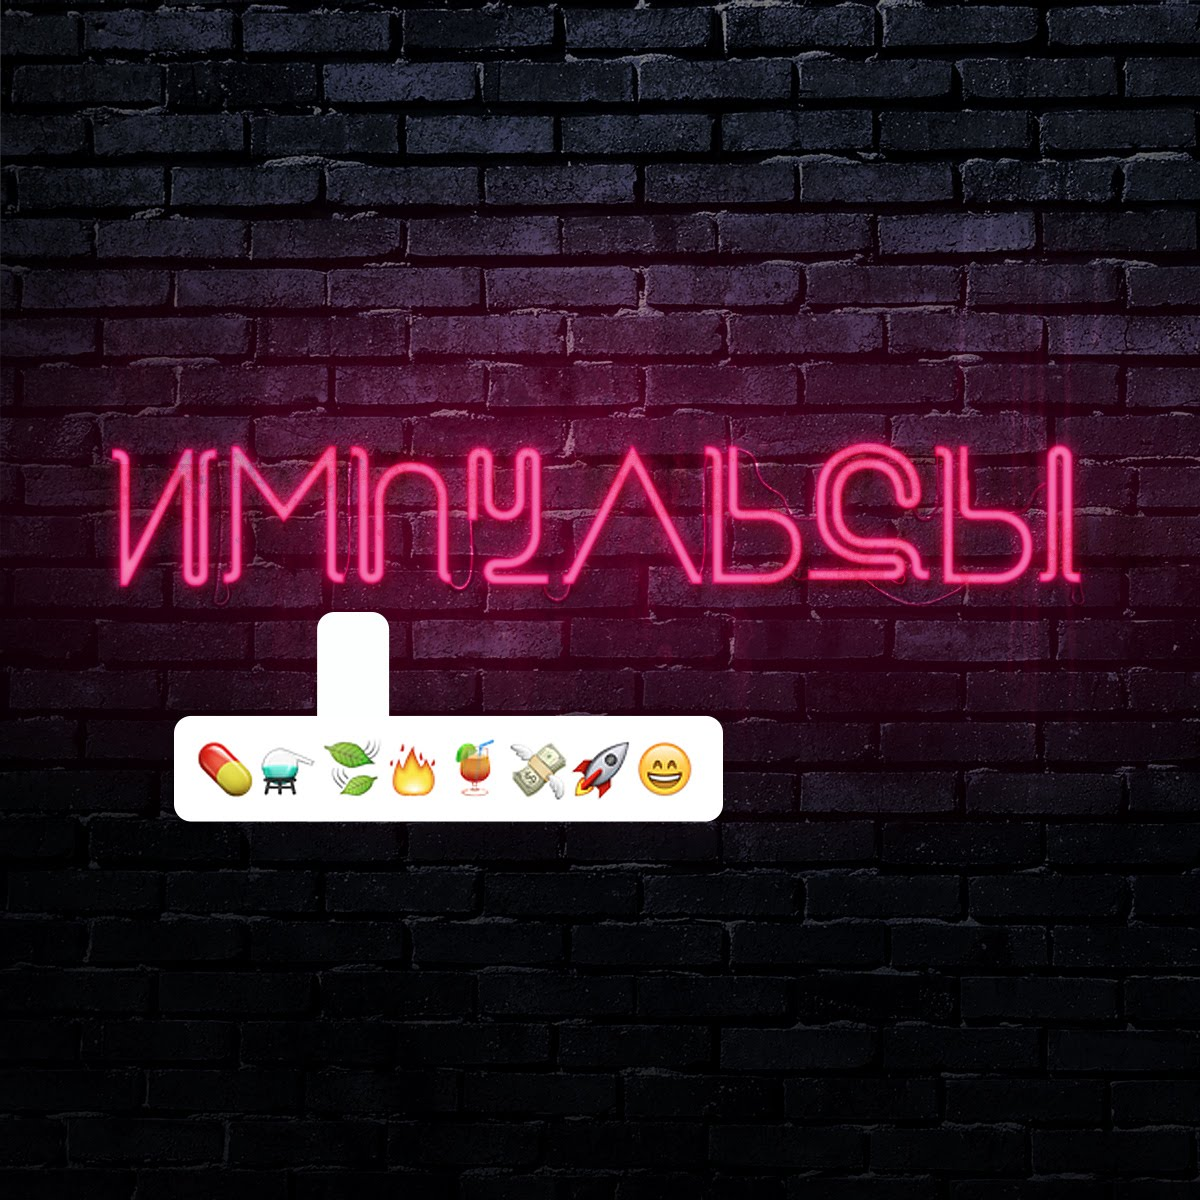 Елена темникова импульсы album edit скачать.